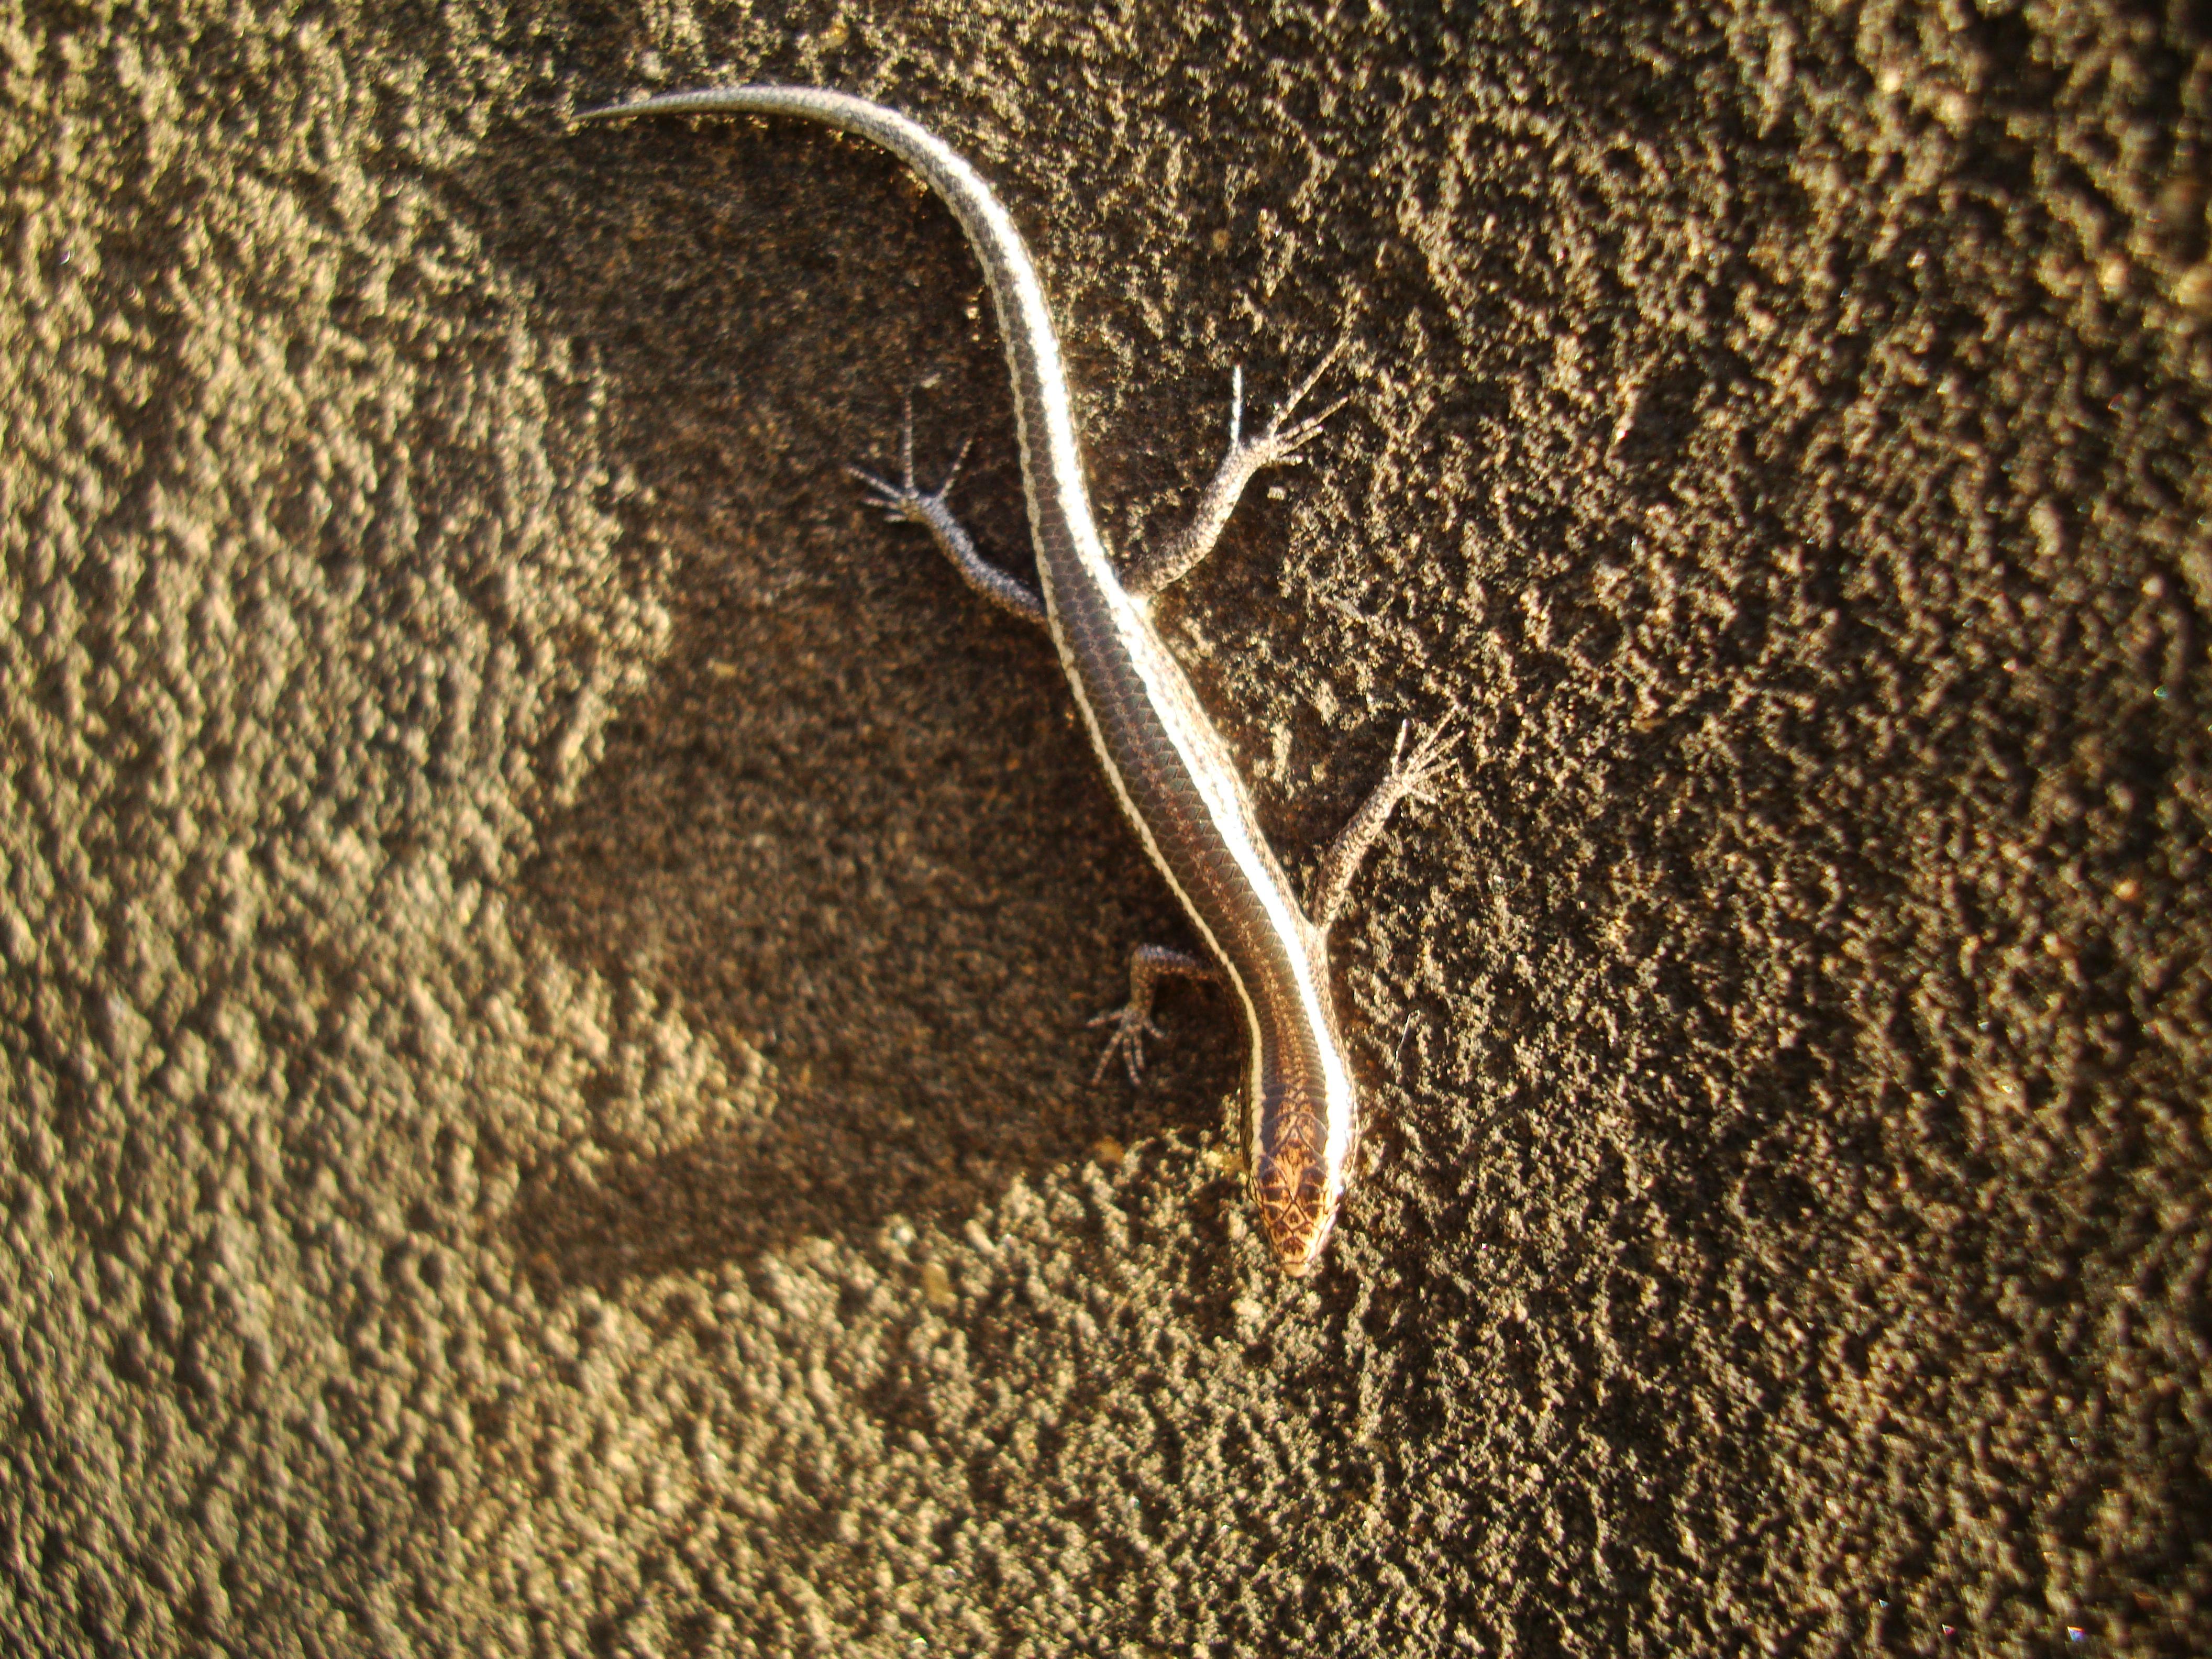 Australian Lizard Noosa 05